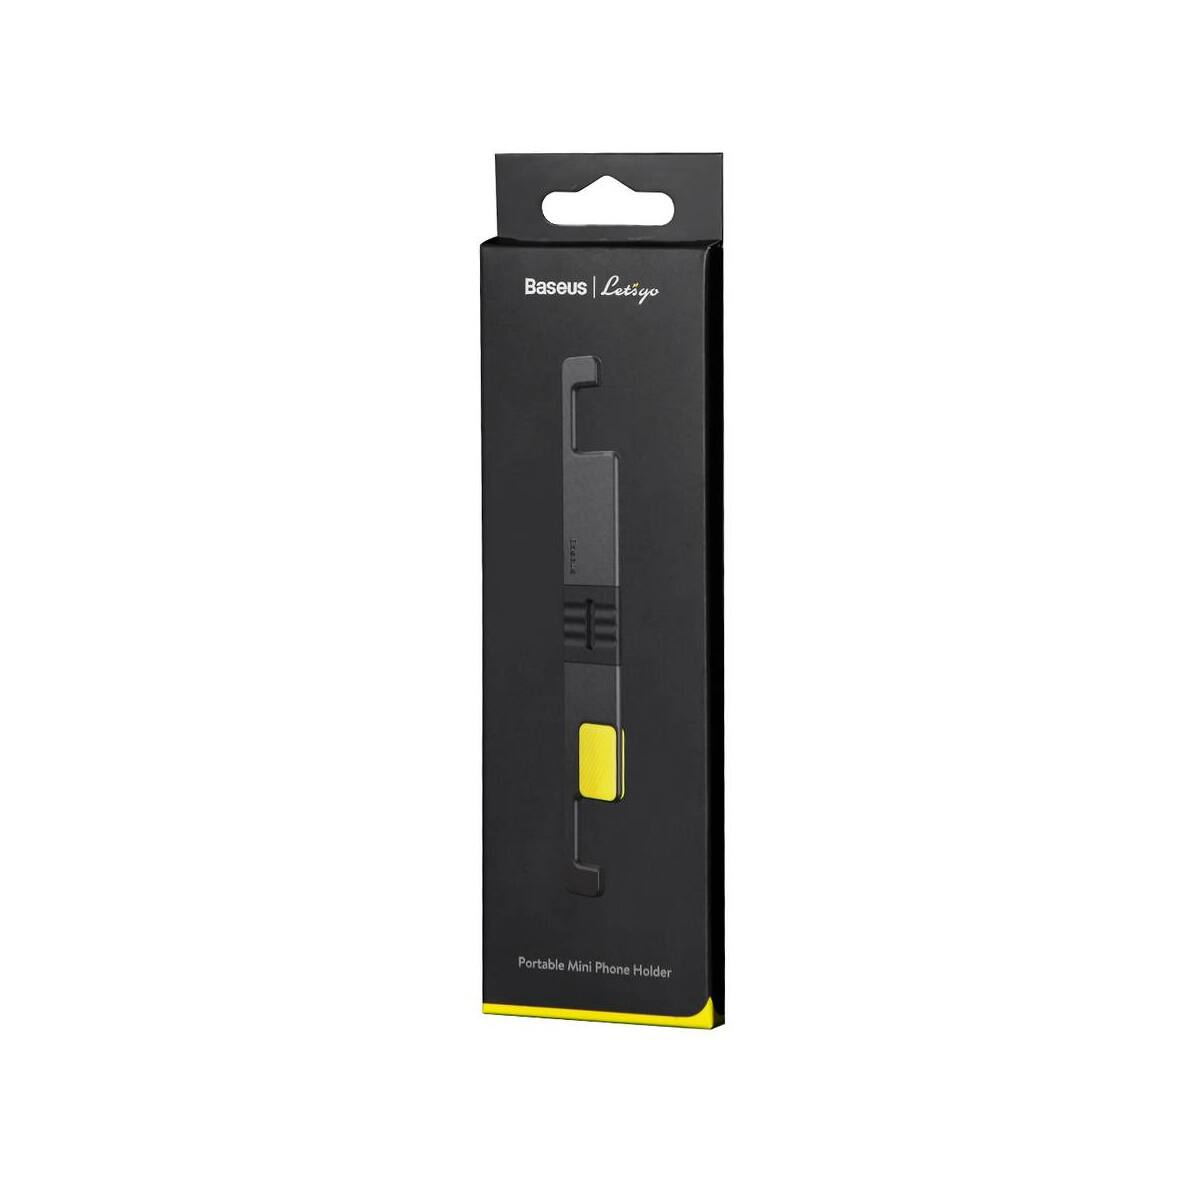 Baseus Univerzális telefon tartó, Lets go mini, hordozható, állítható betekintési szög, szürke/sárga (SUPM-GY)